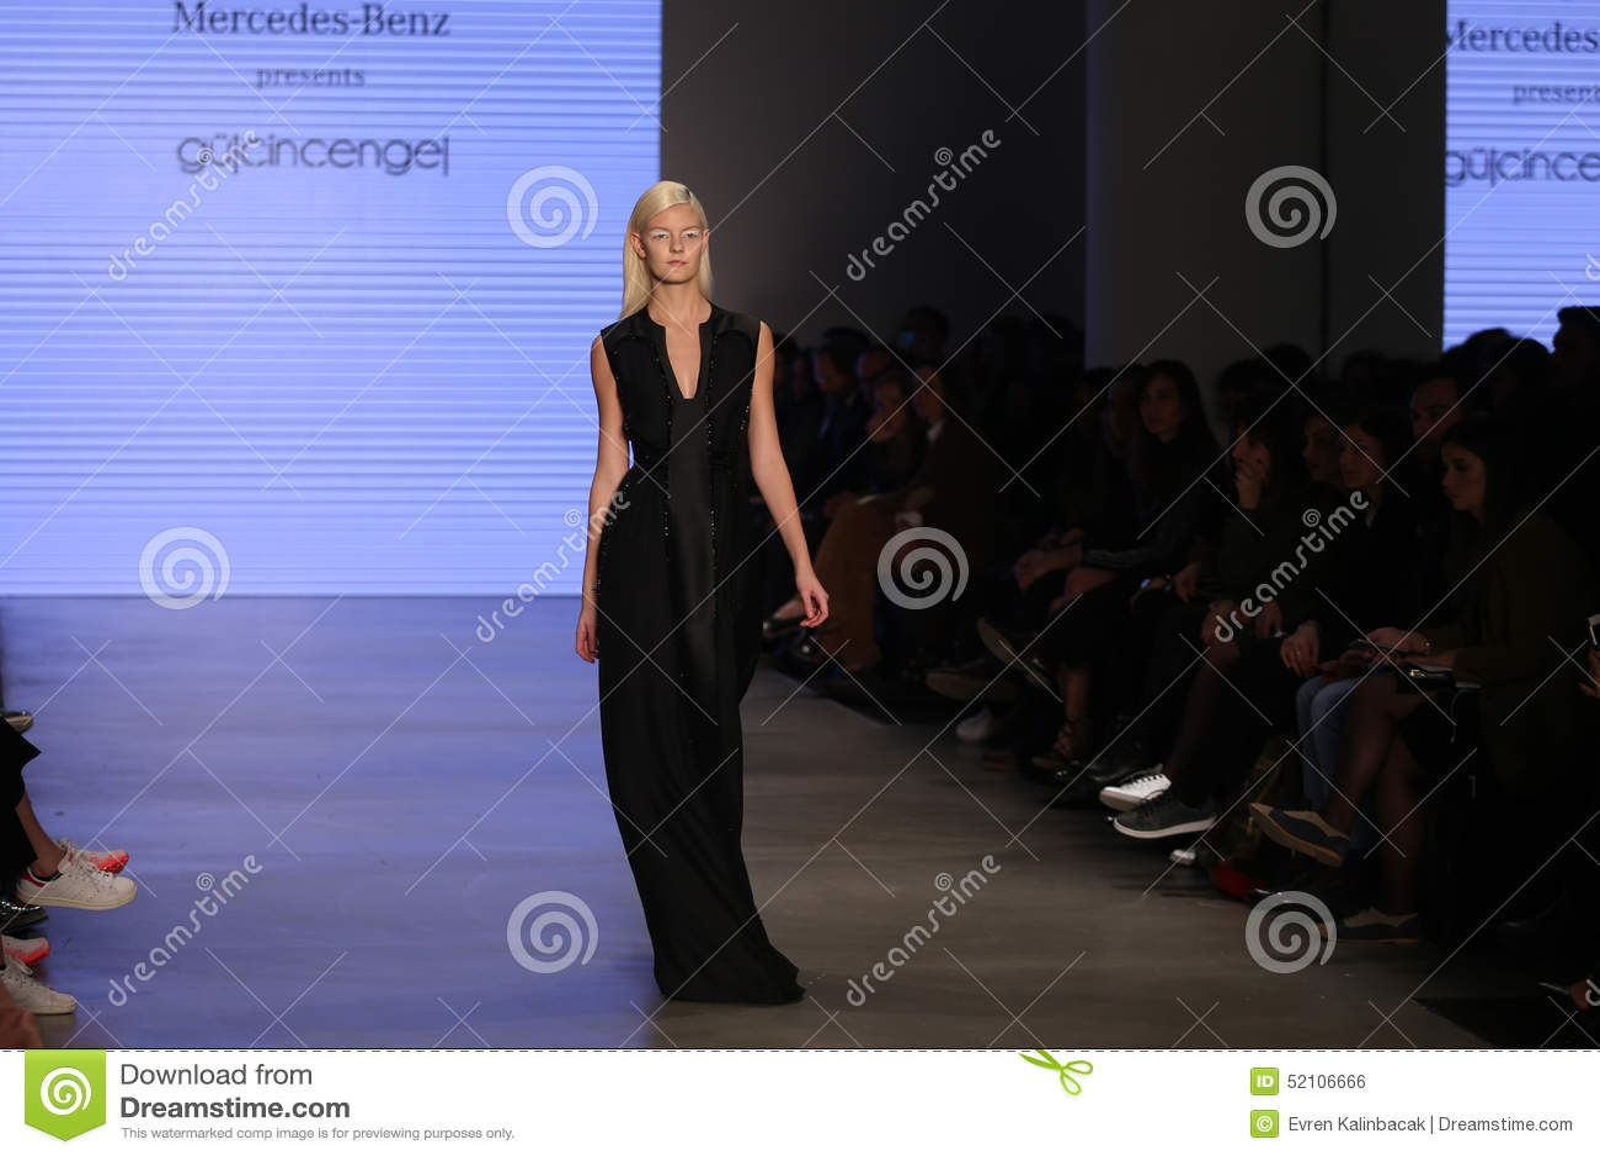 ISTAMBUL, TURQUIA   20 DE MARÇO DE 2015: Um Modelo Apresenta Uma Das  Criações As Mais Atrasadas Por Gulcin Cengel Em Mercedes Benz Fashion Week  Istanbul